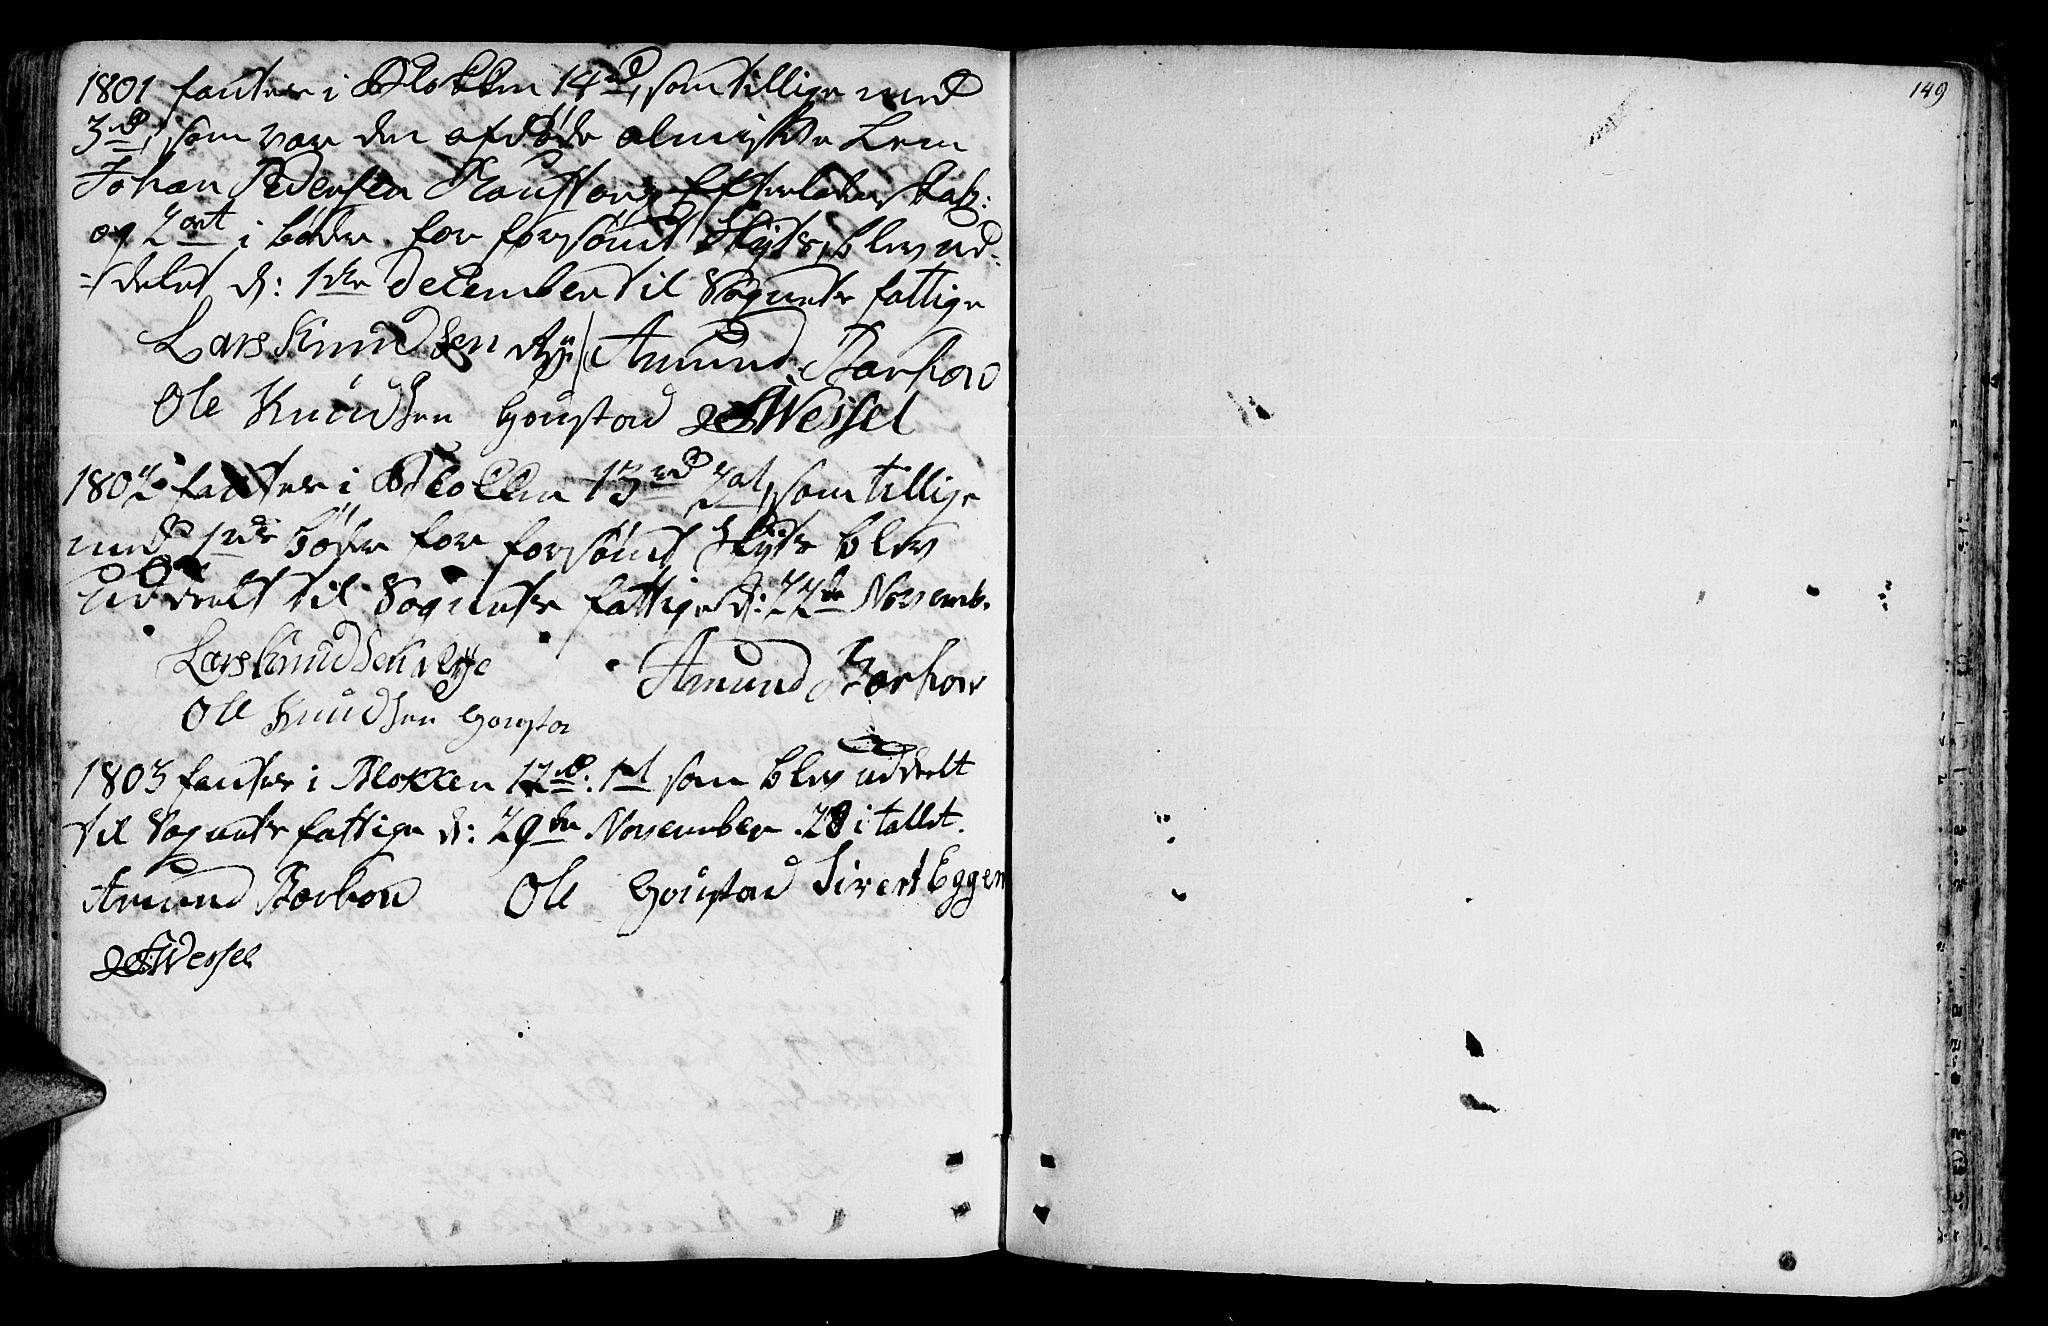 SAT, Ministerialprotokoller, klokkerbøker og fødselsregistre - Sør-Trøndelag, 612/L0370: Ministerialbok nr. 612A04, 1754-1802, s. 149